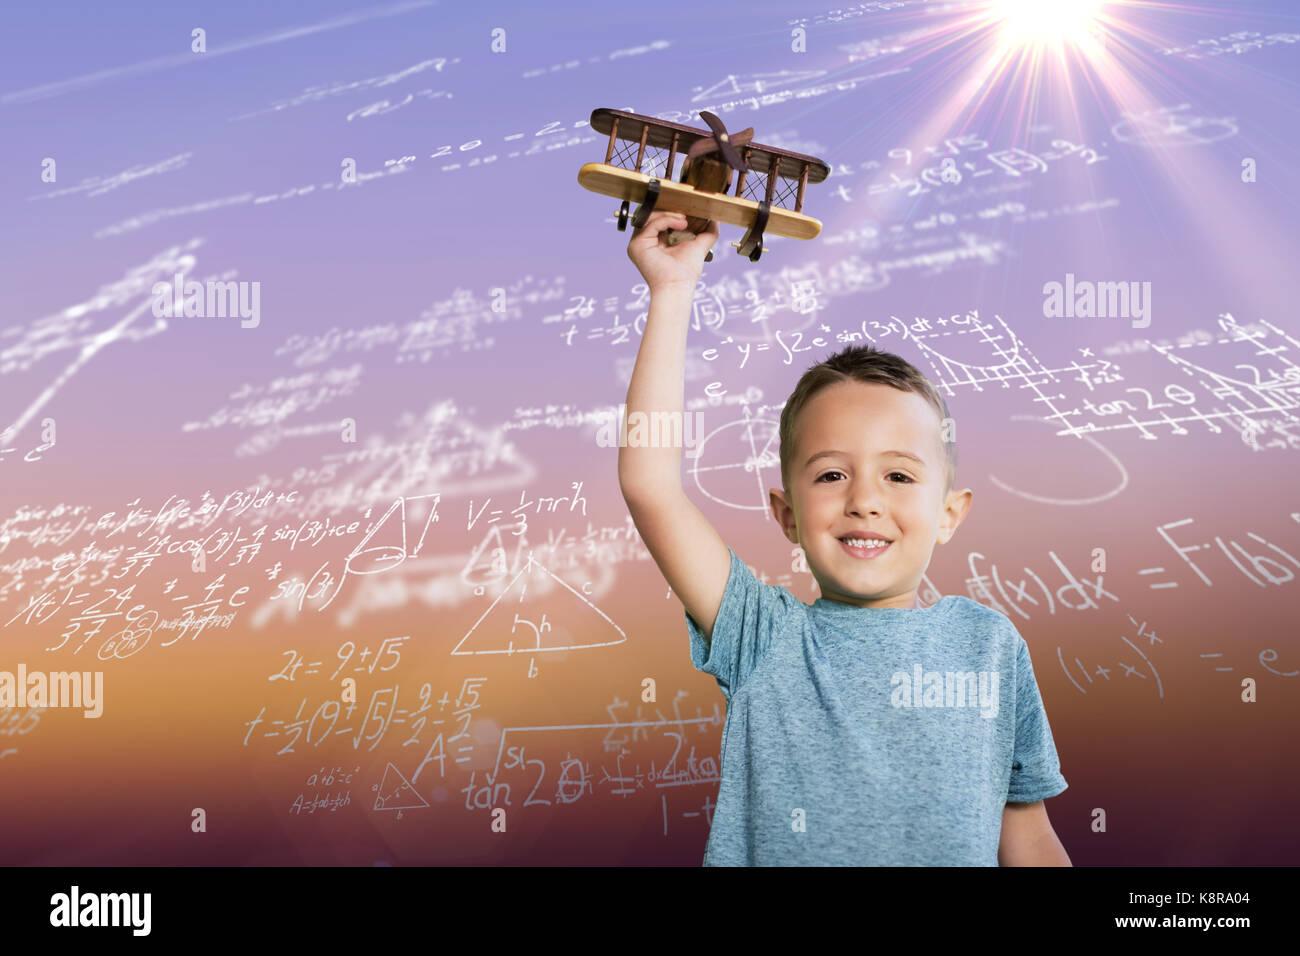 Portrait von Boy holding Spielzeug Flugzeug gegen Sonnenaufgang Himmel Stockbild